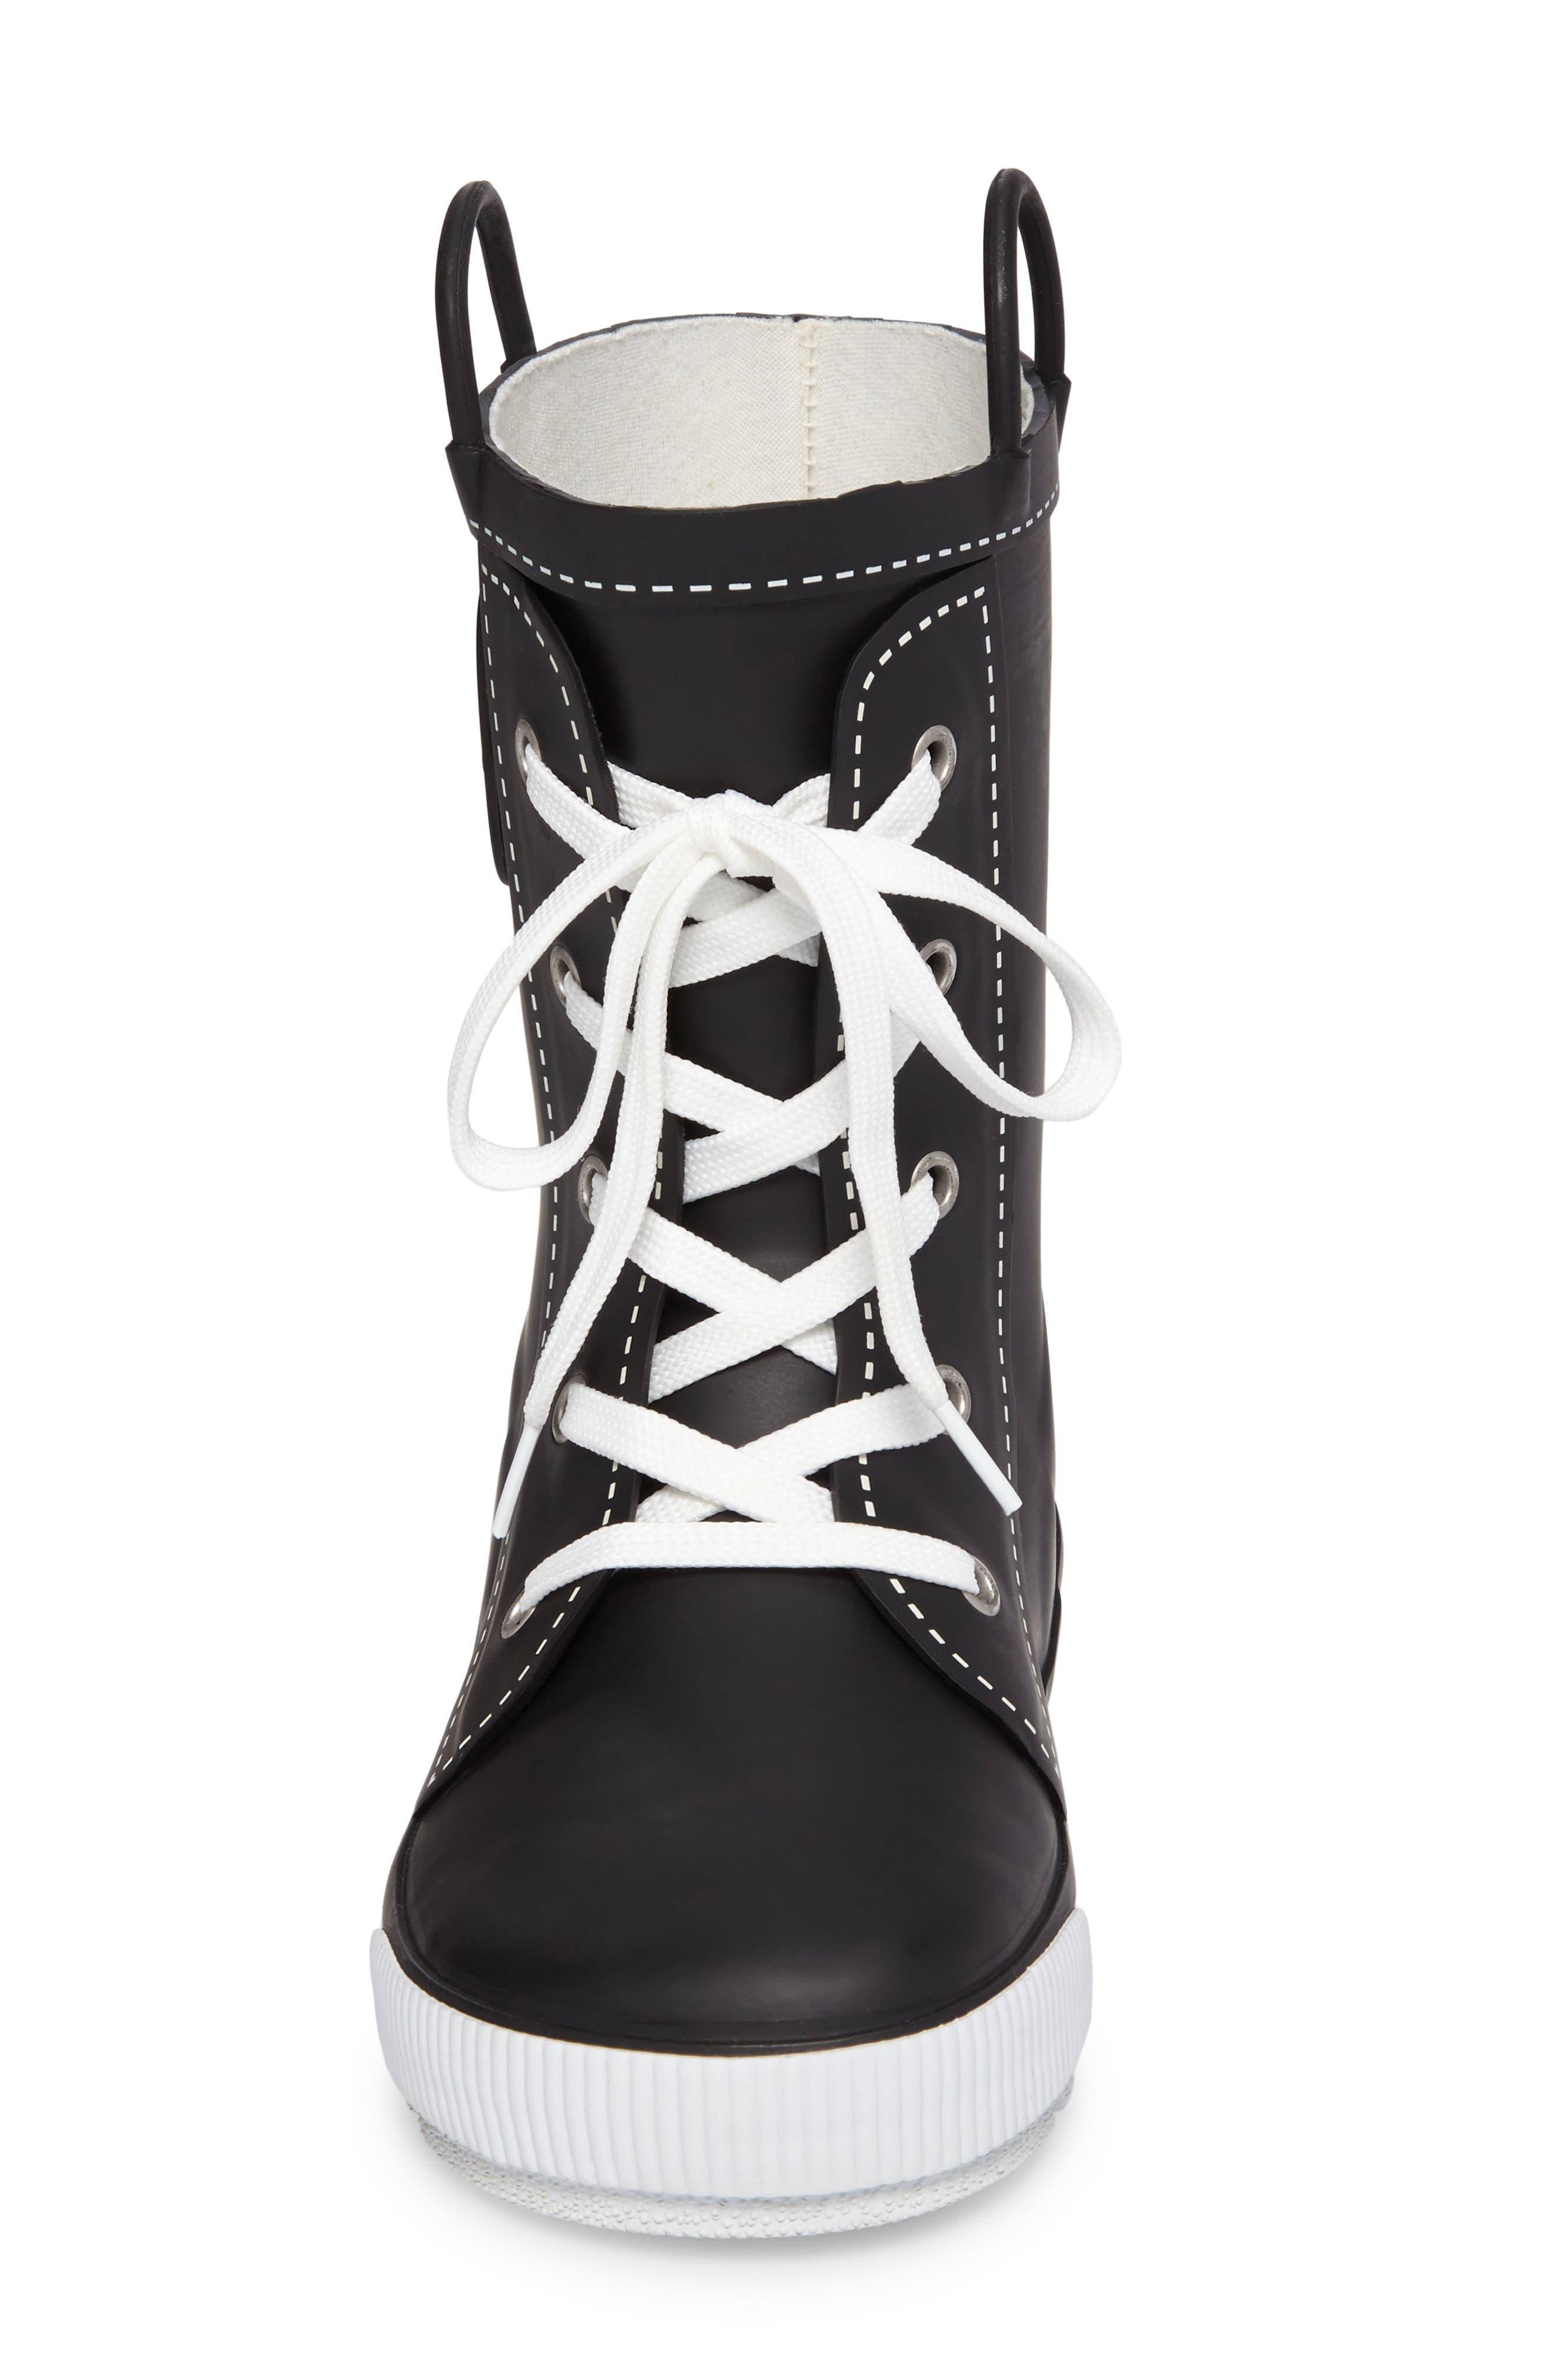 Waterproof Sneaker Rain Boot,                             Alternate thumbnail 4, color,                             001